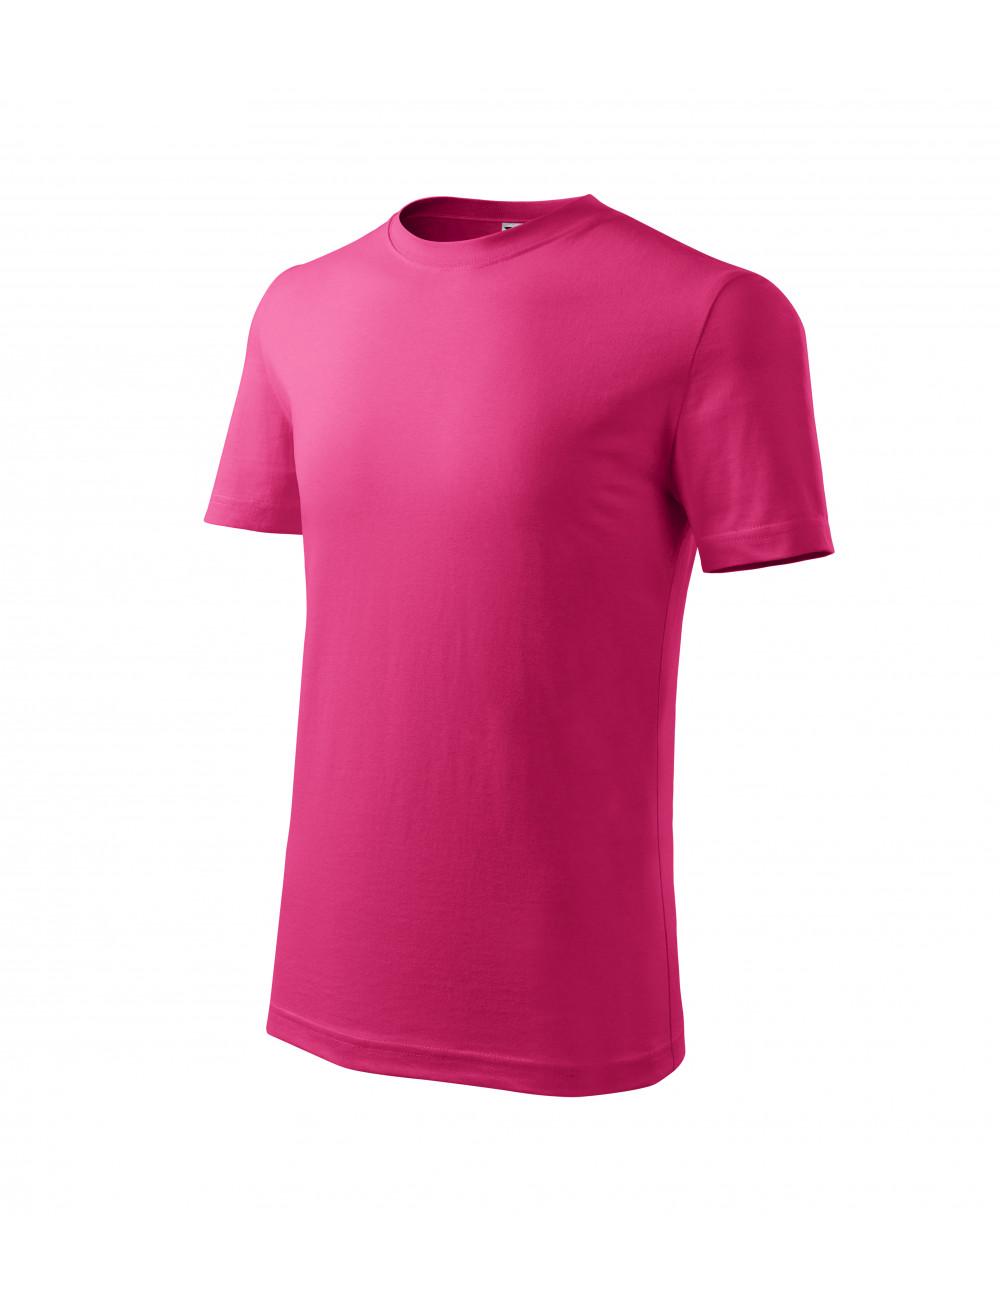 Adler MALFINI Koszulka dziecięca Classic New 135 czerwień purpurowa